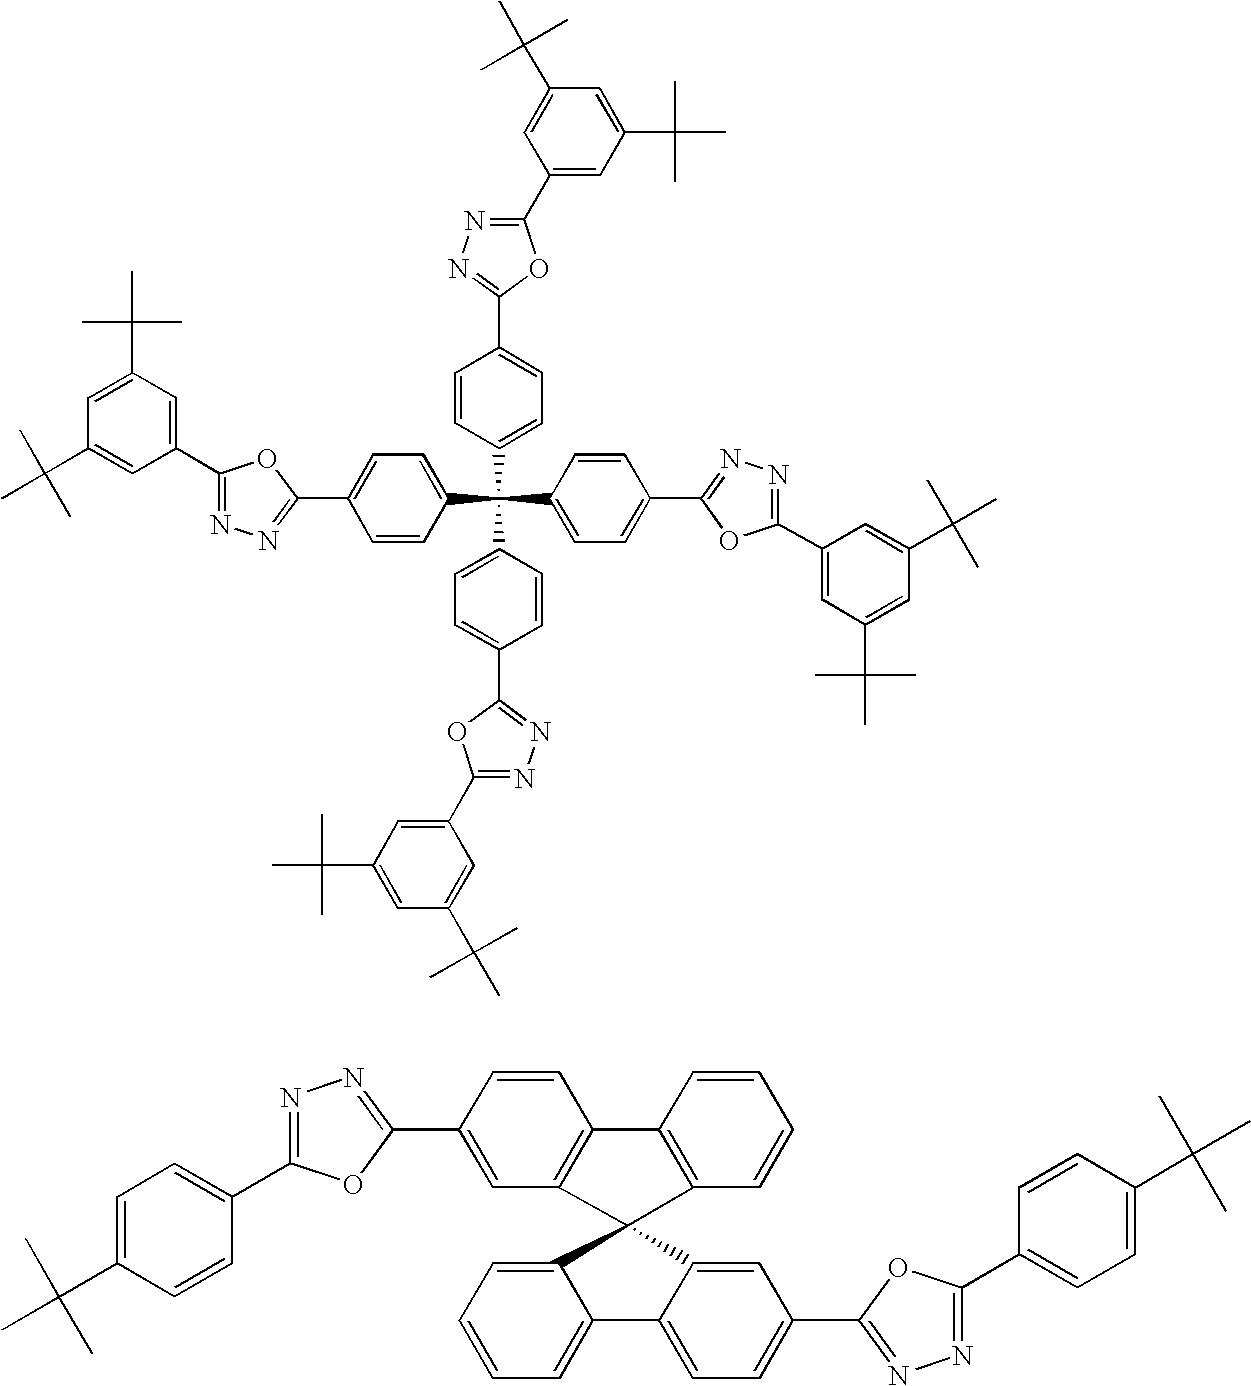 Figure US20090246664A1-20091001-C00007